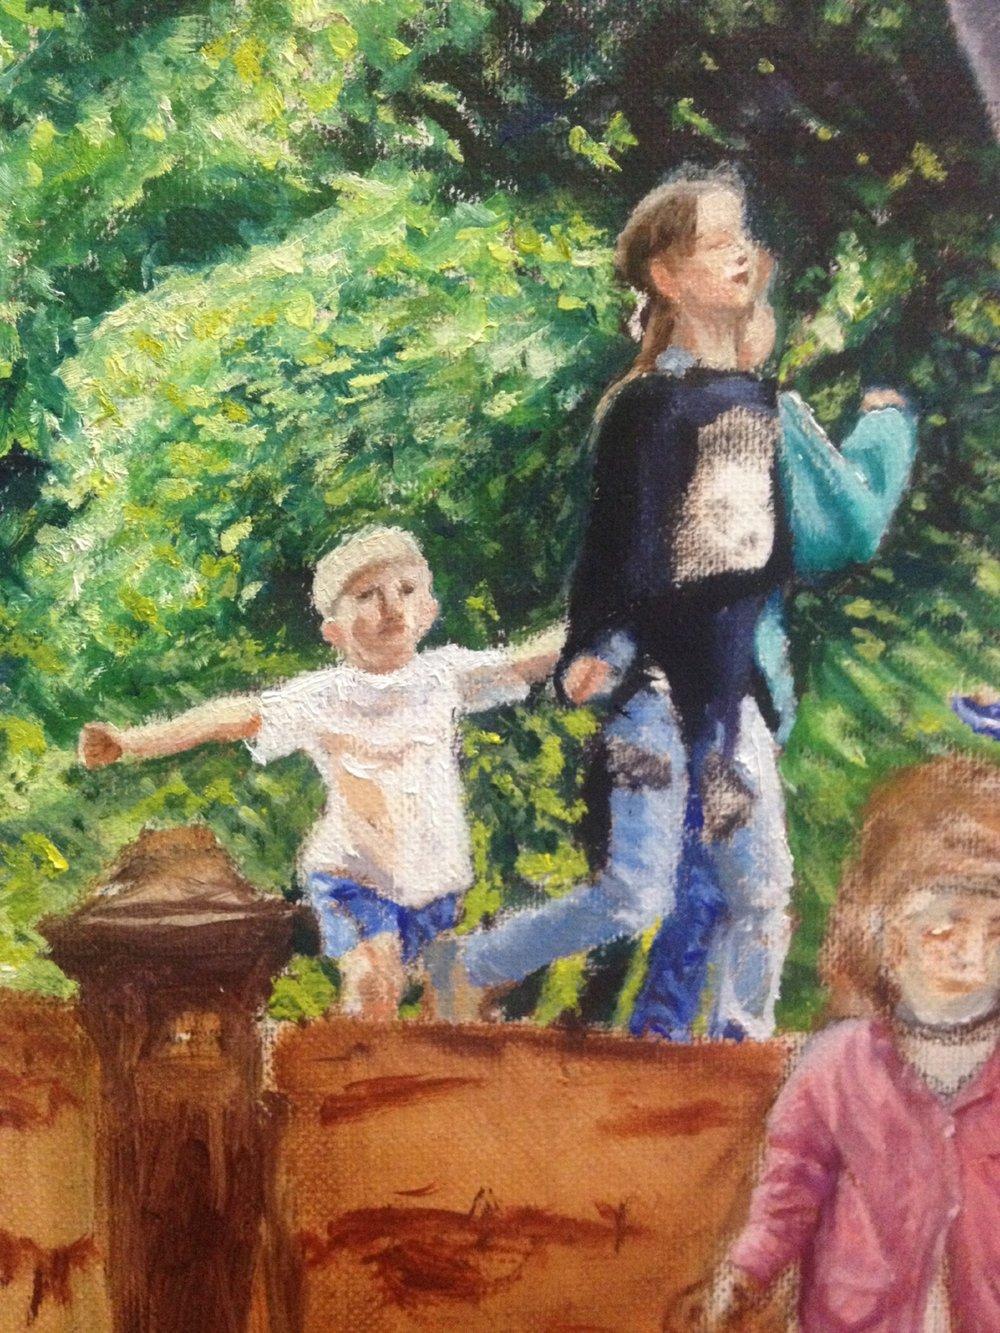 Three kids at play